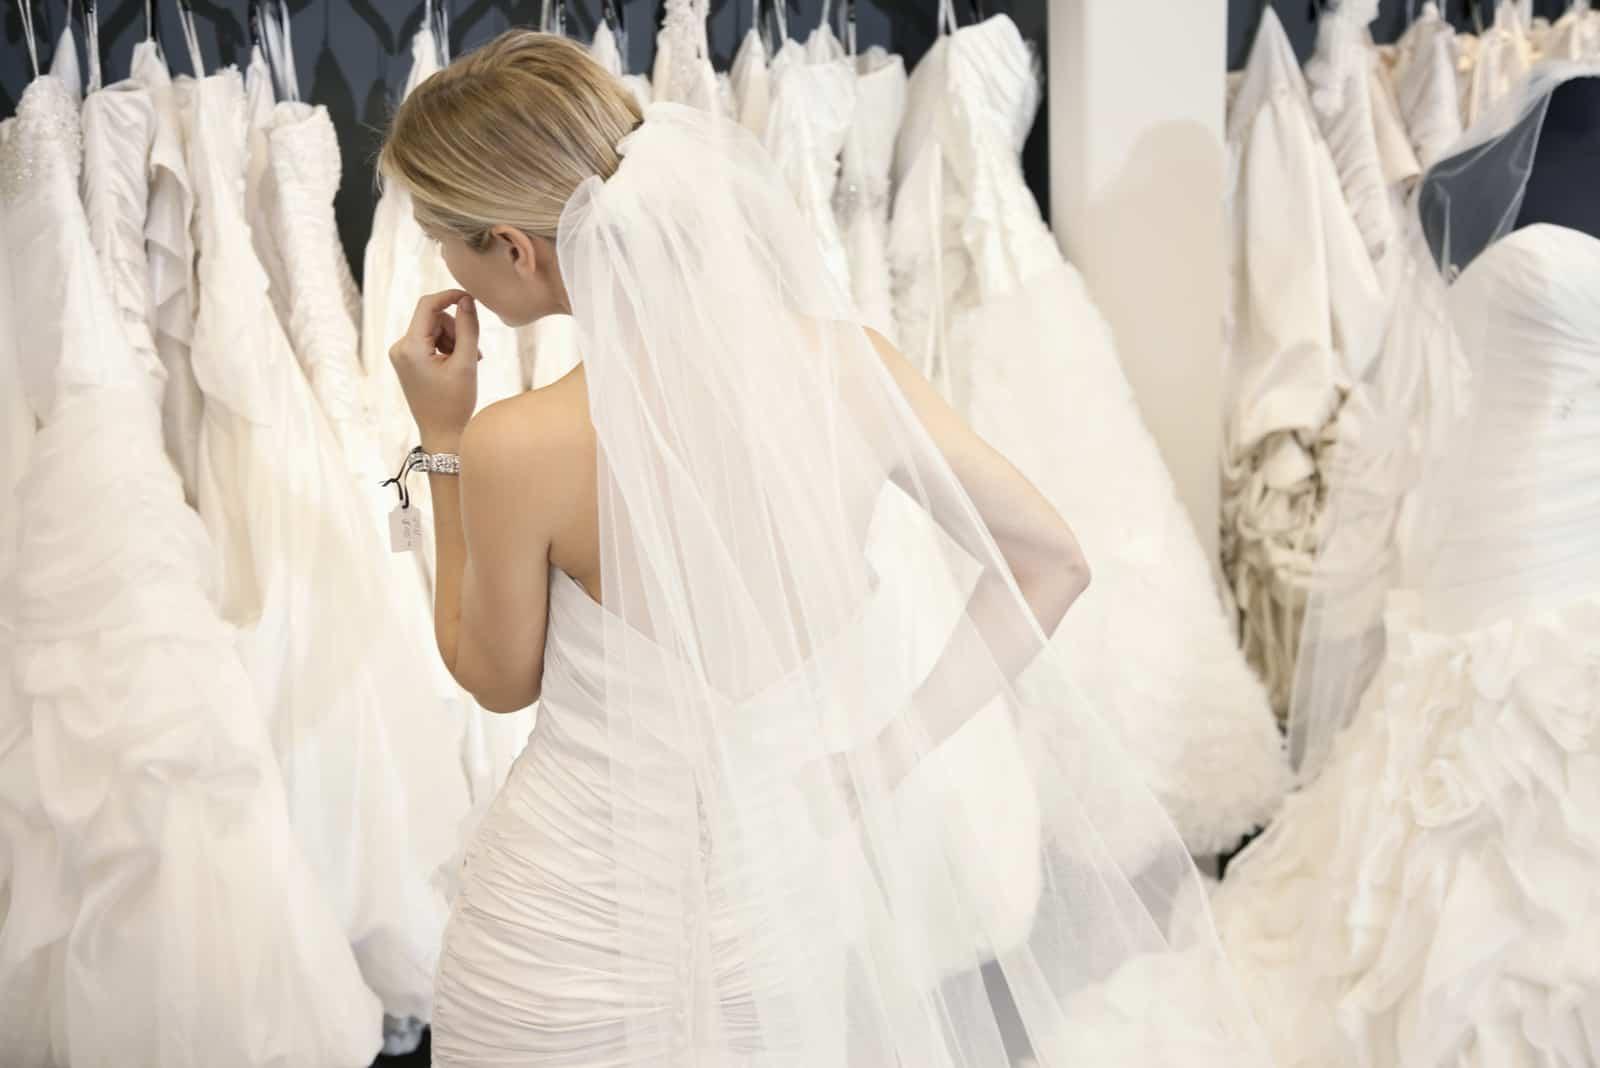 Hintere Ansicht einer jungen Frau im Hochzeitskleid, die Brautkleider auf Anzeige in der Boutique betrachtet